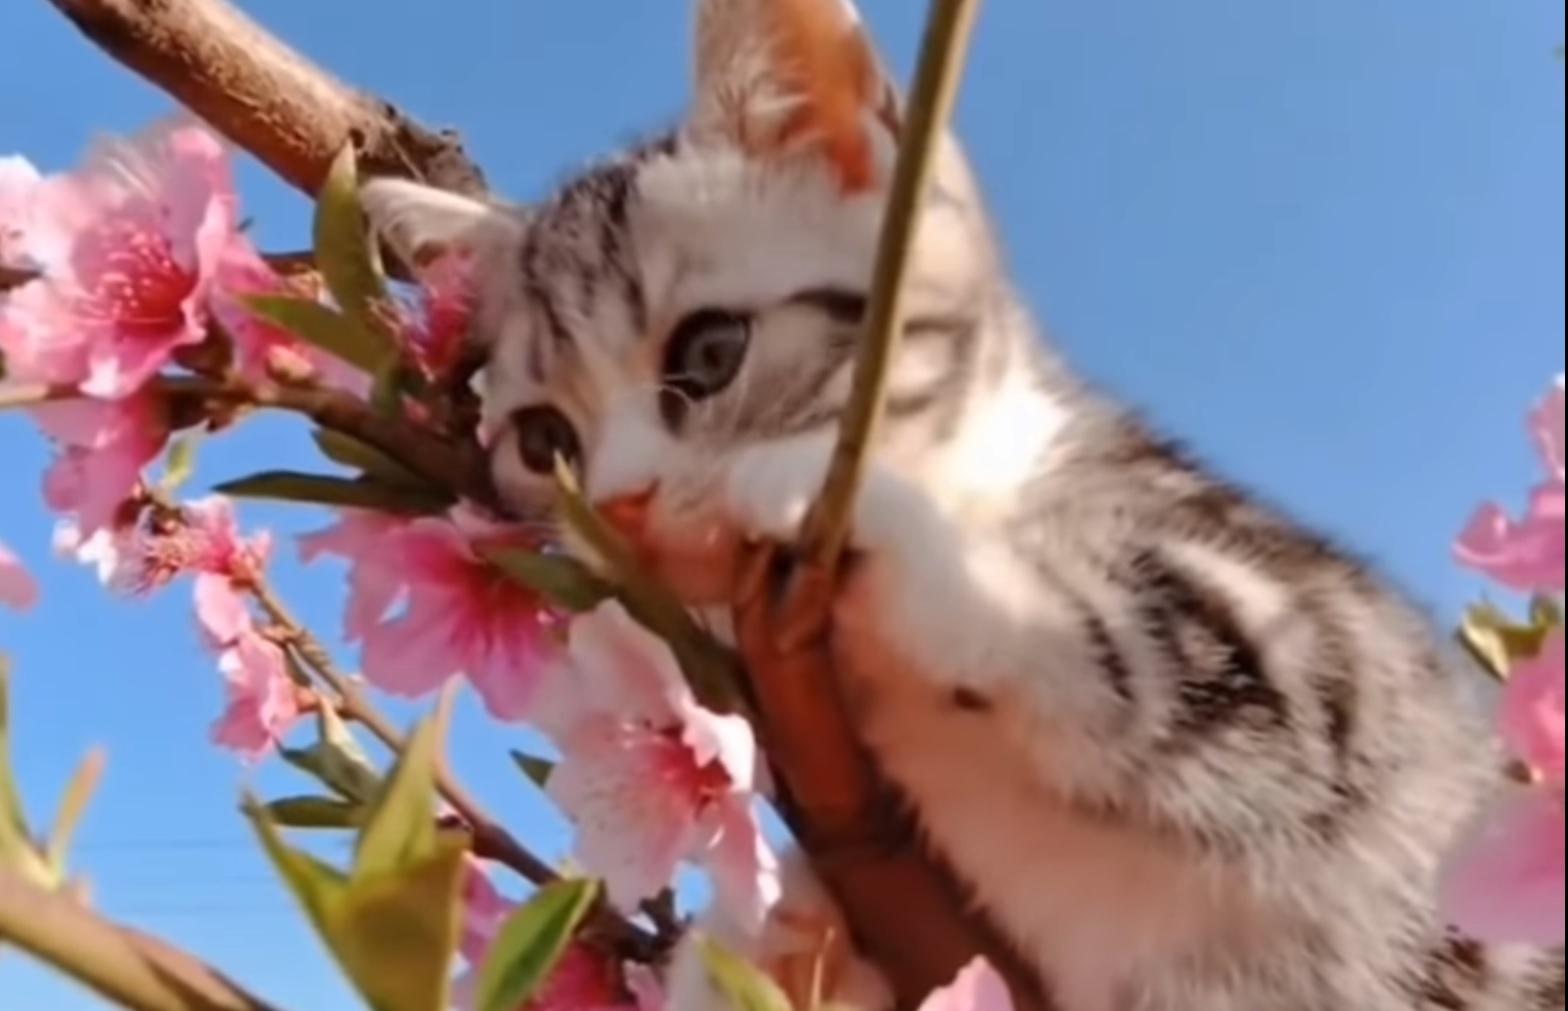 Tiny kitten Exploring Outdside